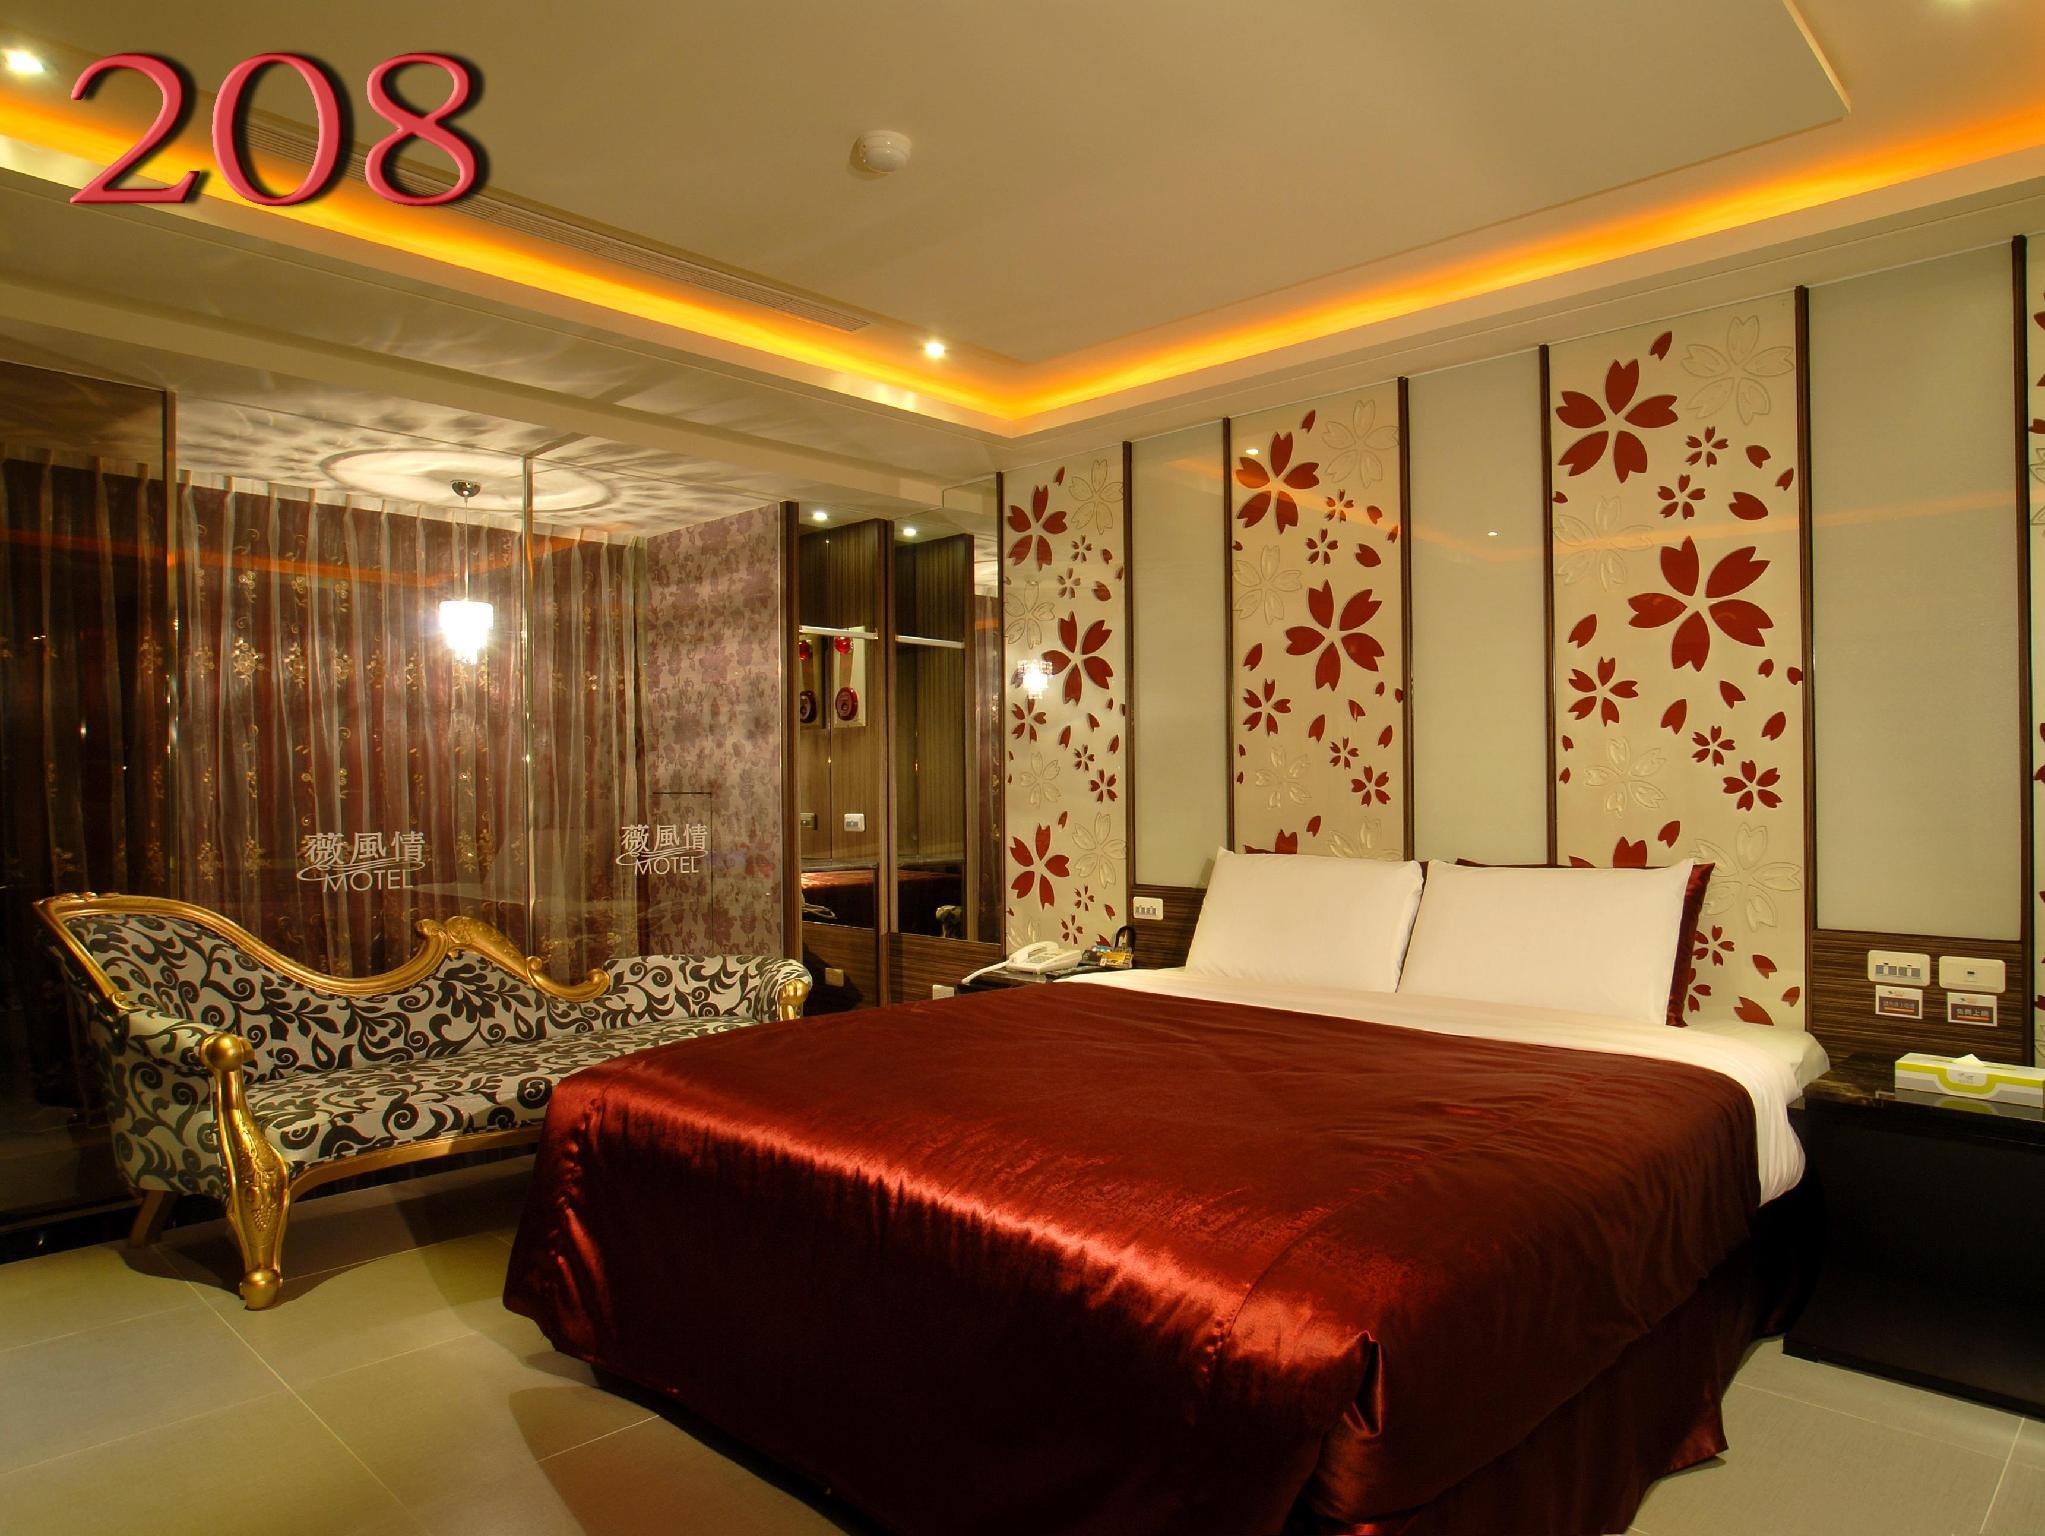 Wei Fengqing Motel